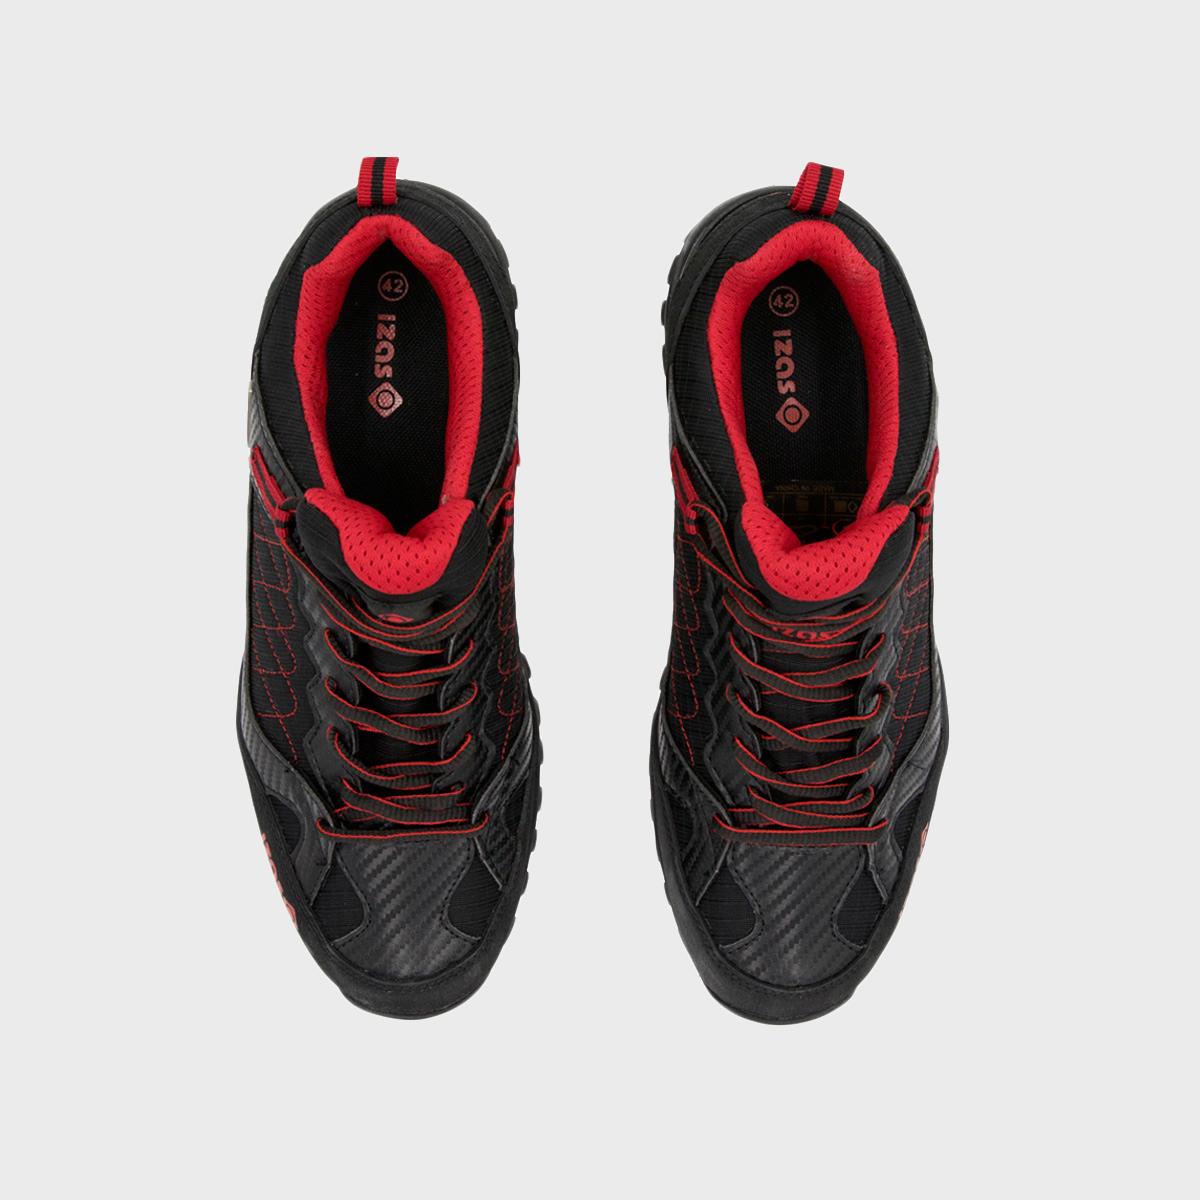 NILSEN BLACK/RED UNISEX